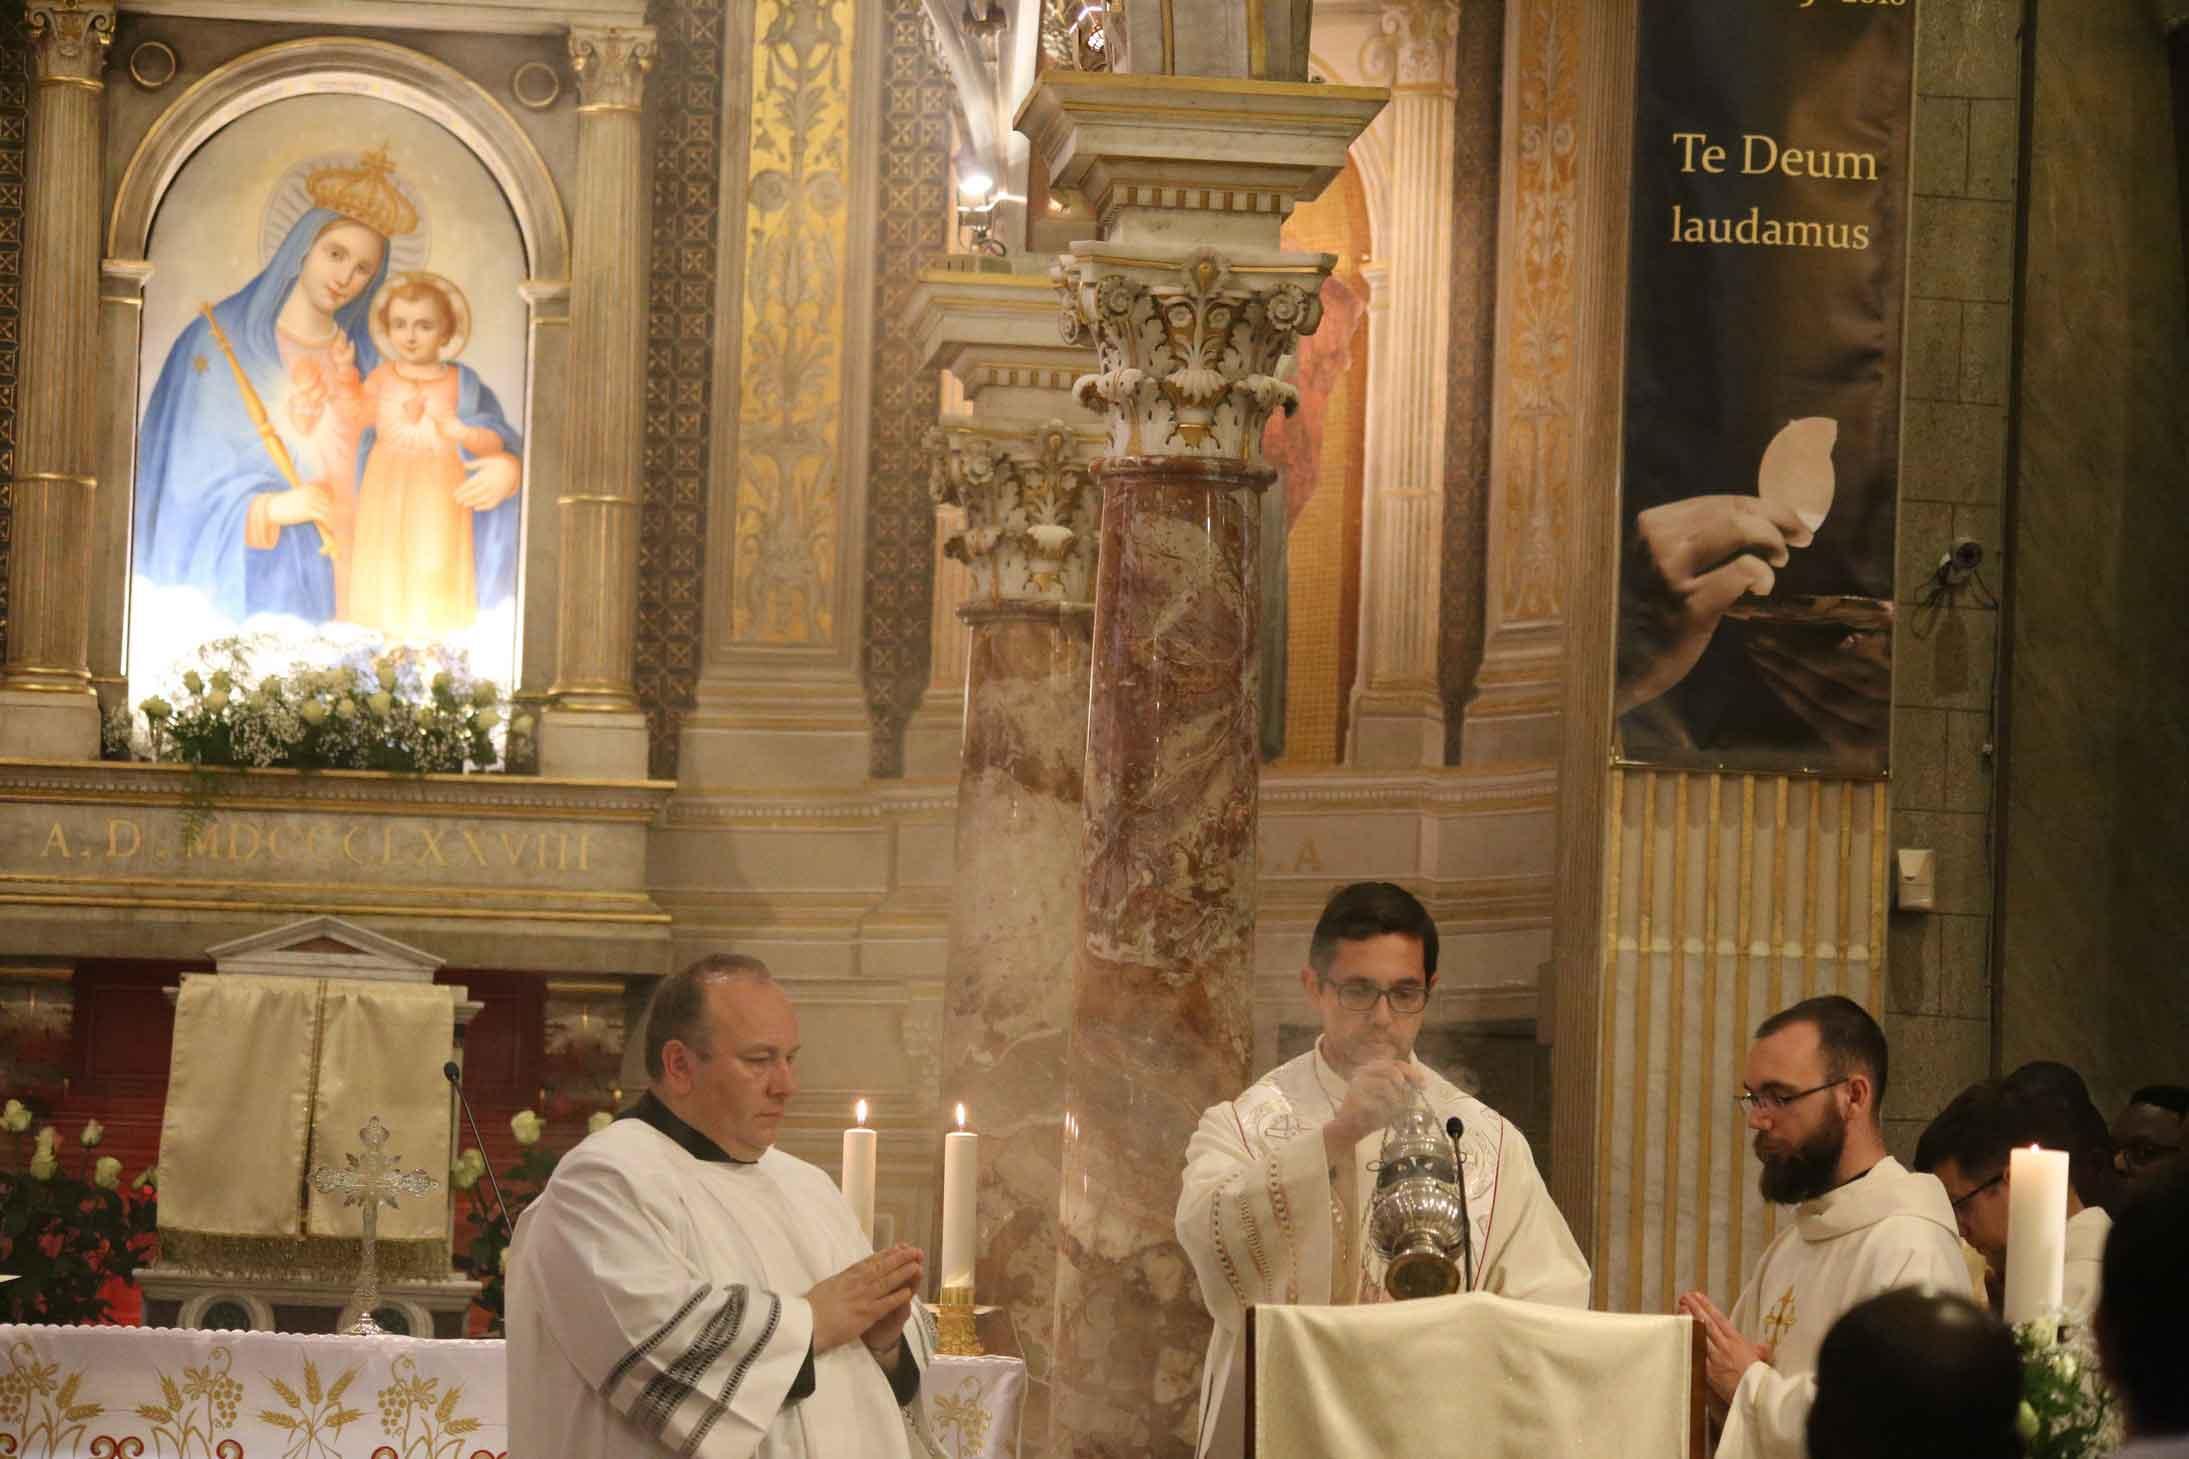 Celebrazione-del-bicentenario-dellordinazione-sacerdotale-di-San-Vincenzo-Pallotti-nella-Chiesa-del-SS.-Salvatore-in-Onda-19.jpg